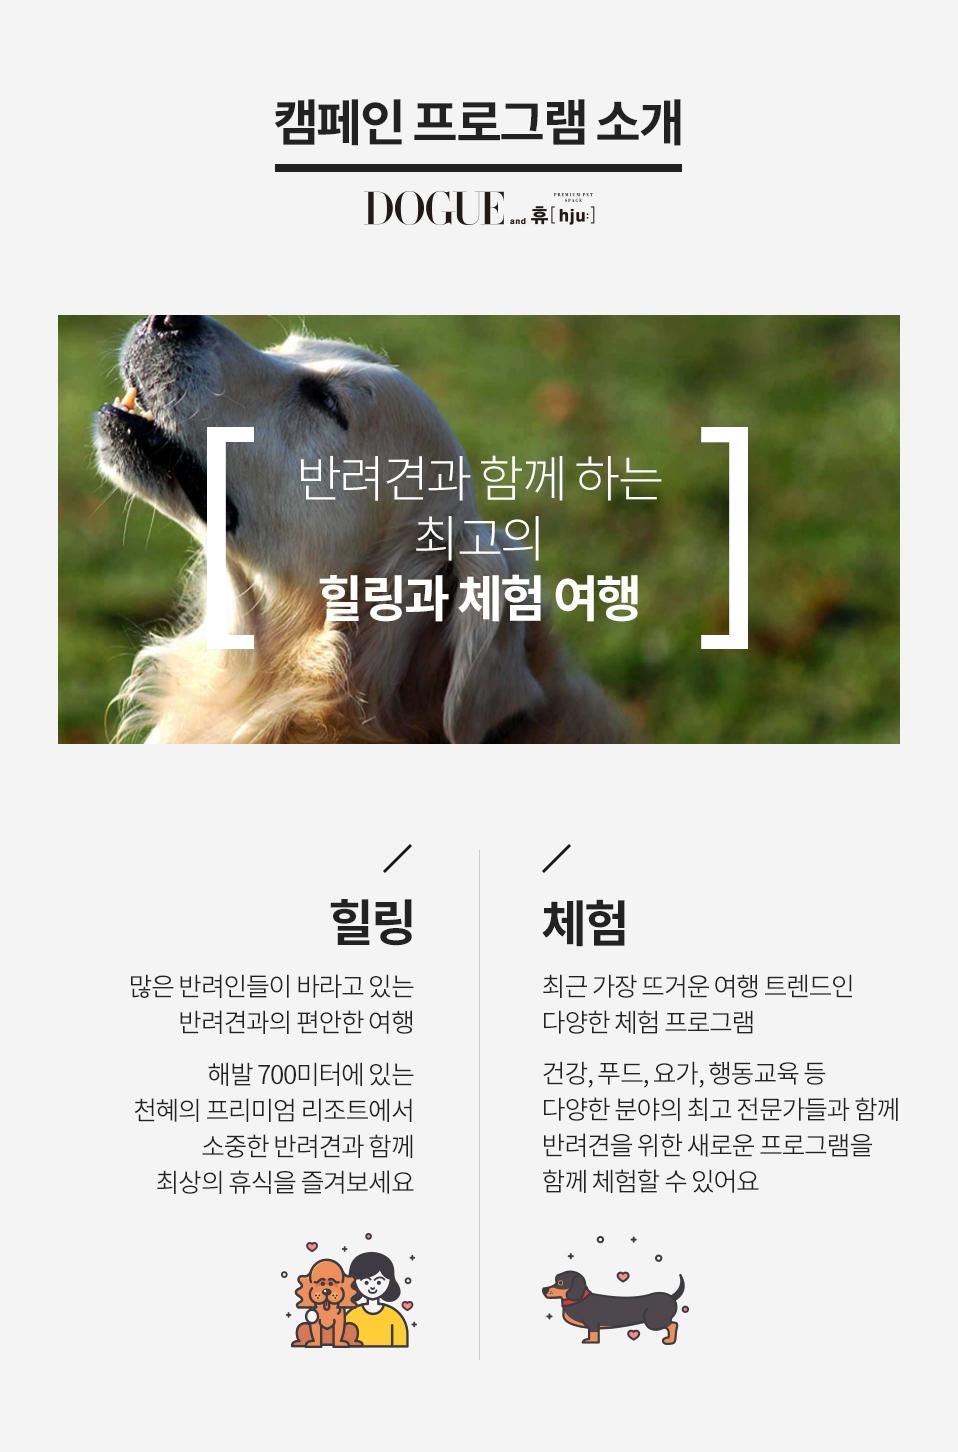 캠페인 프로그램 소개